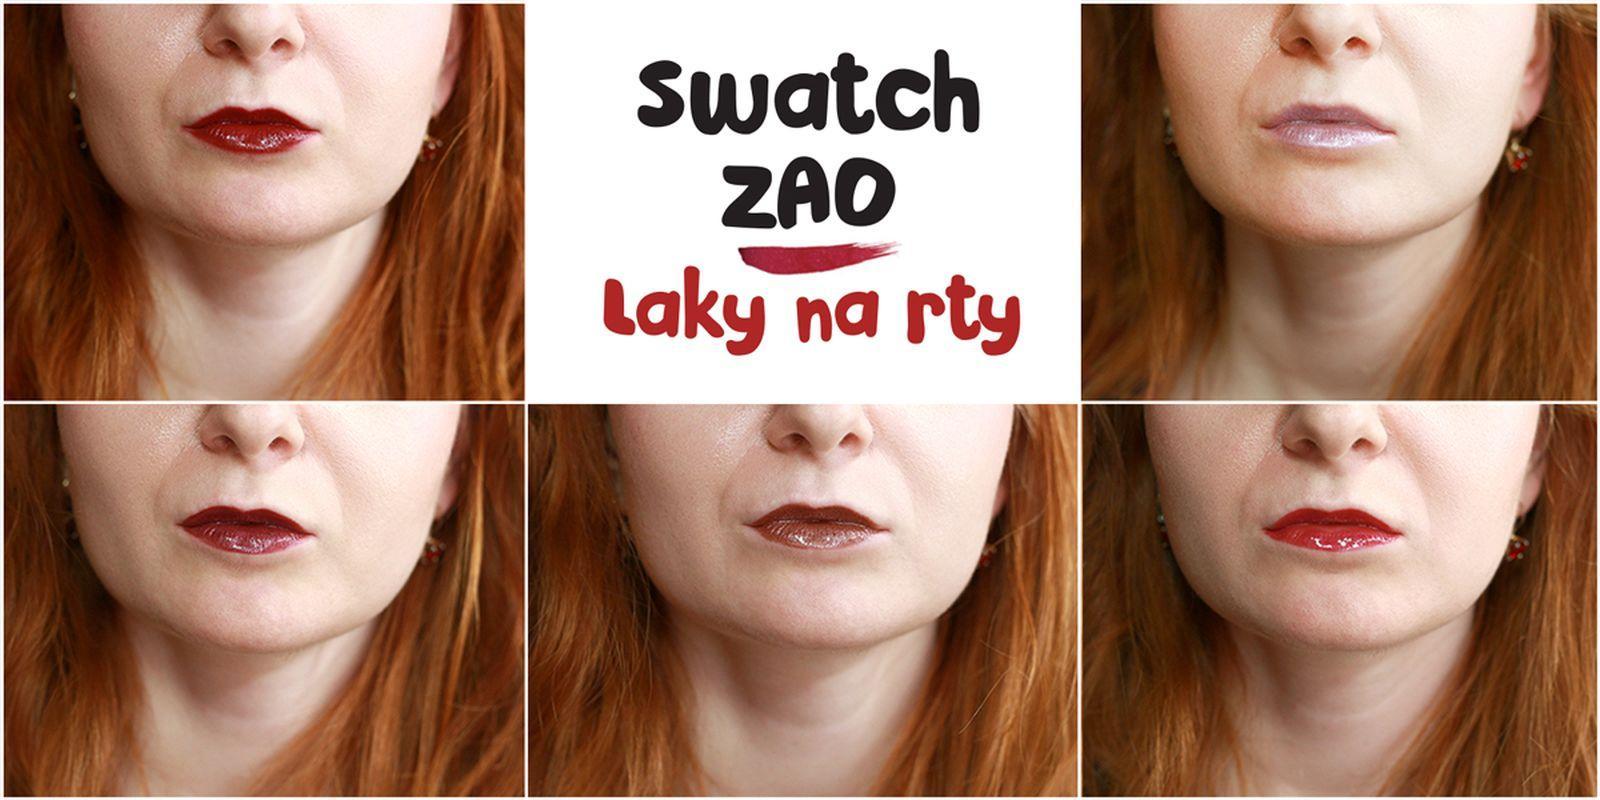 Swatch: Laky na rty ZAO